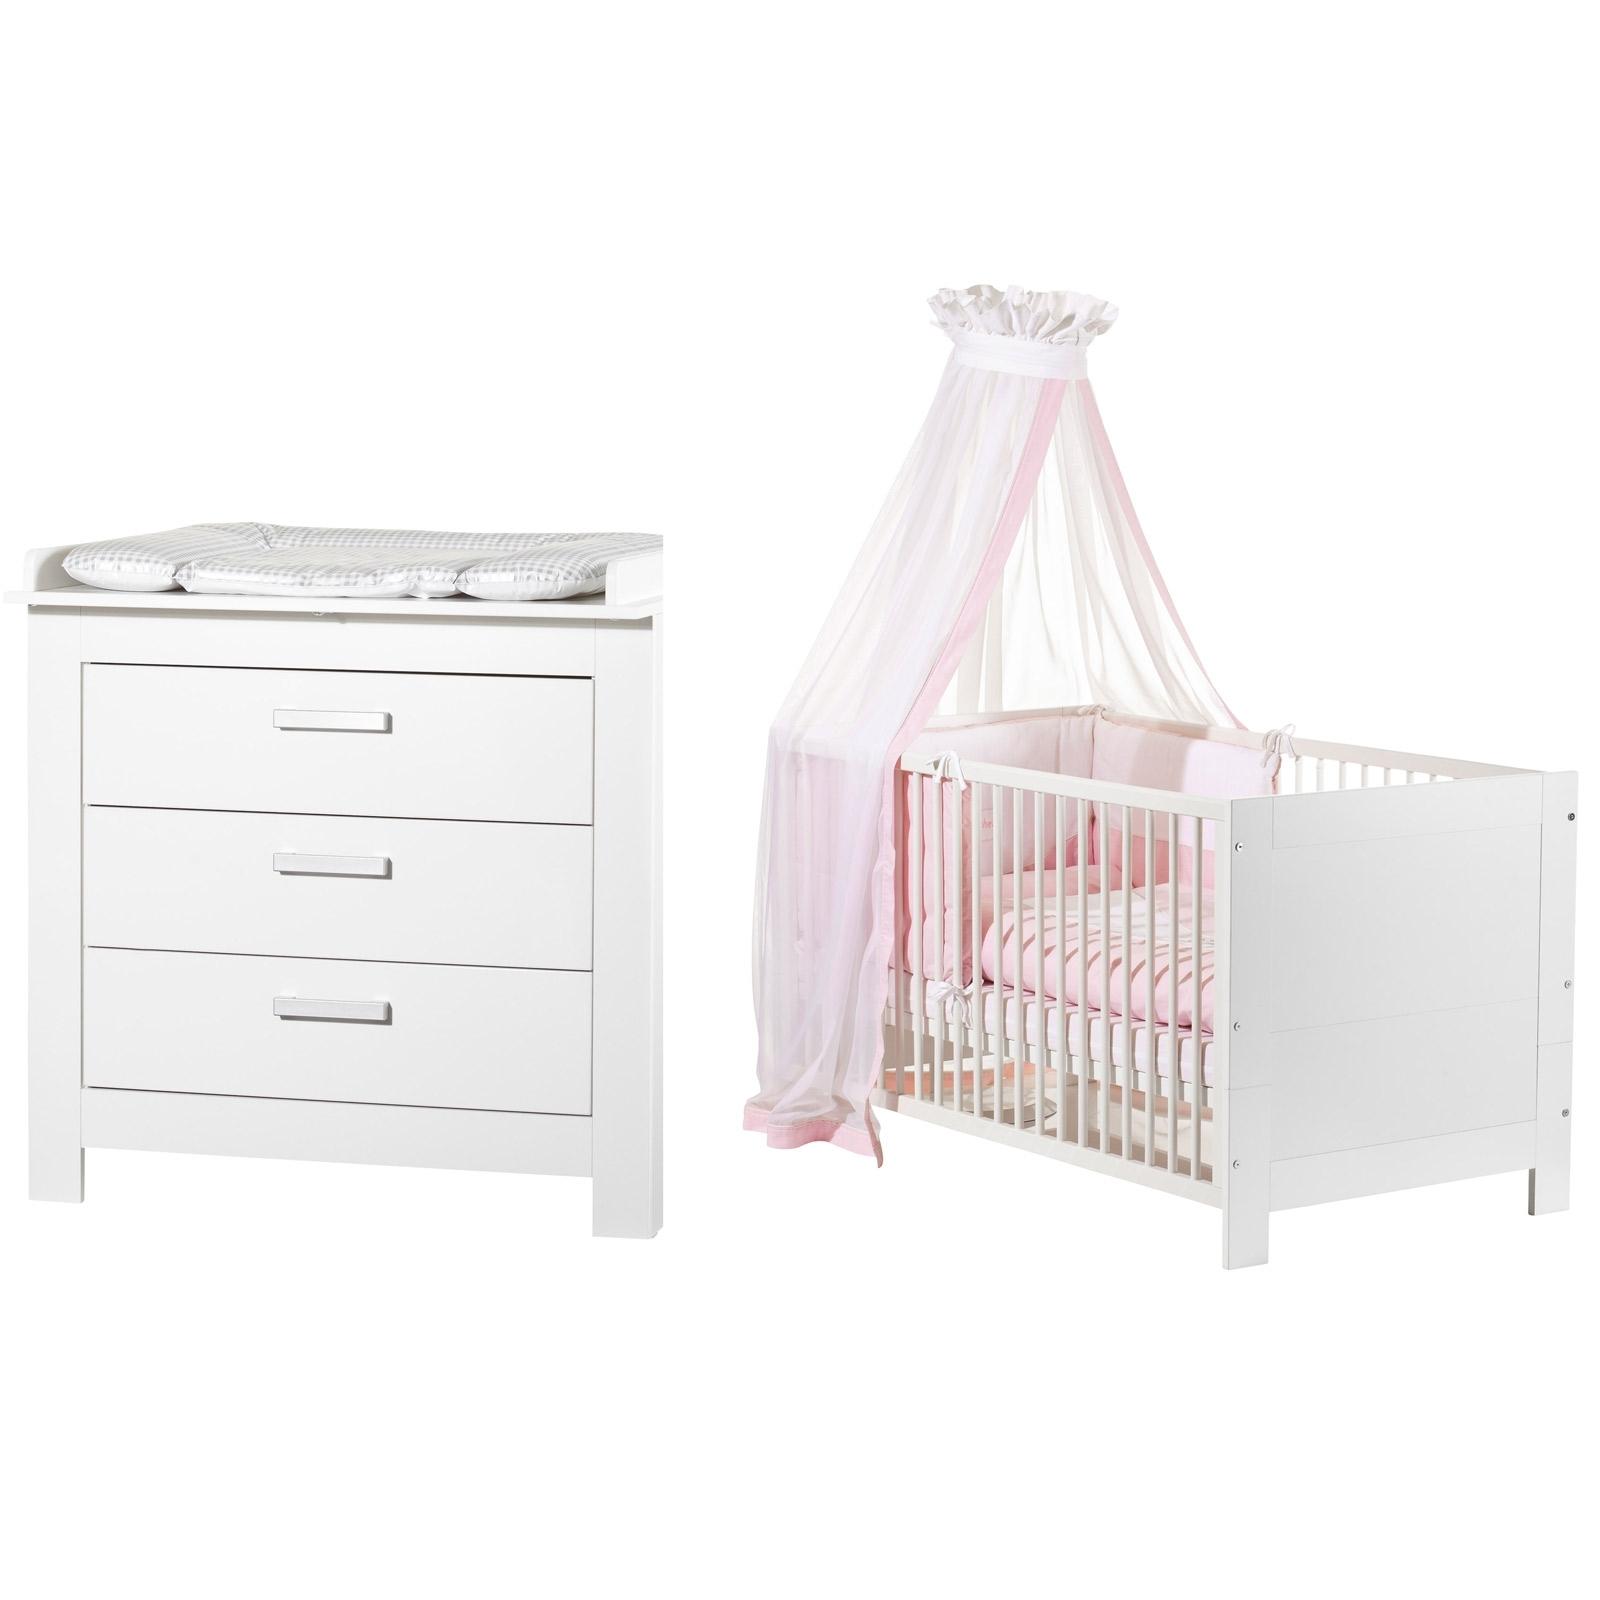 lit volutif et commode langer blanc marlene. Black Bedroom Furniture Sets. Home Design Ideas